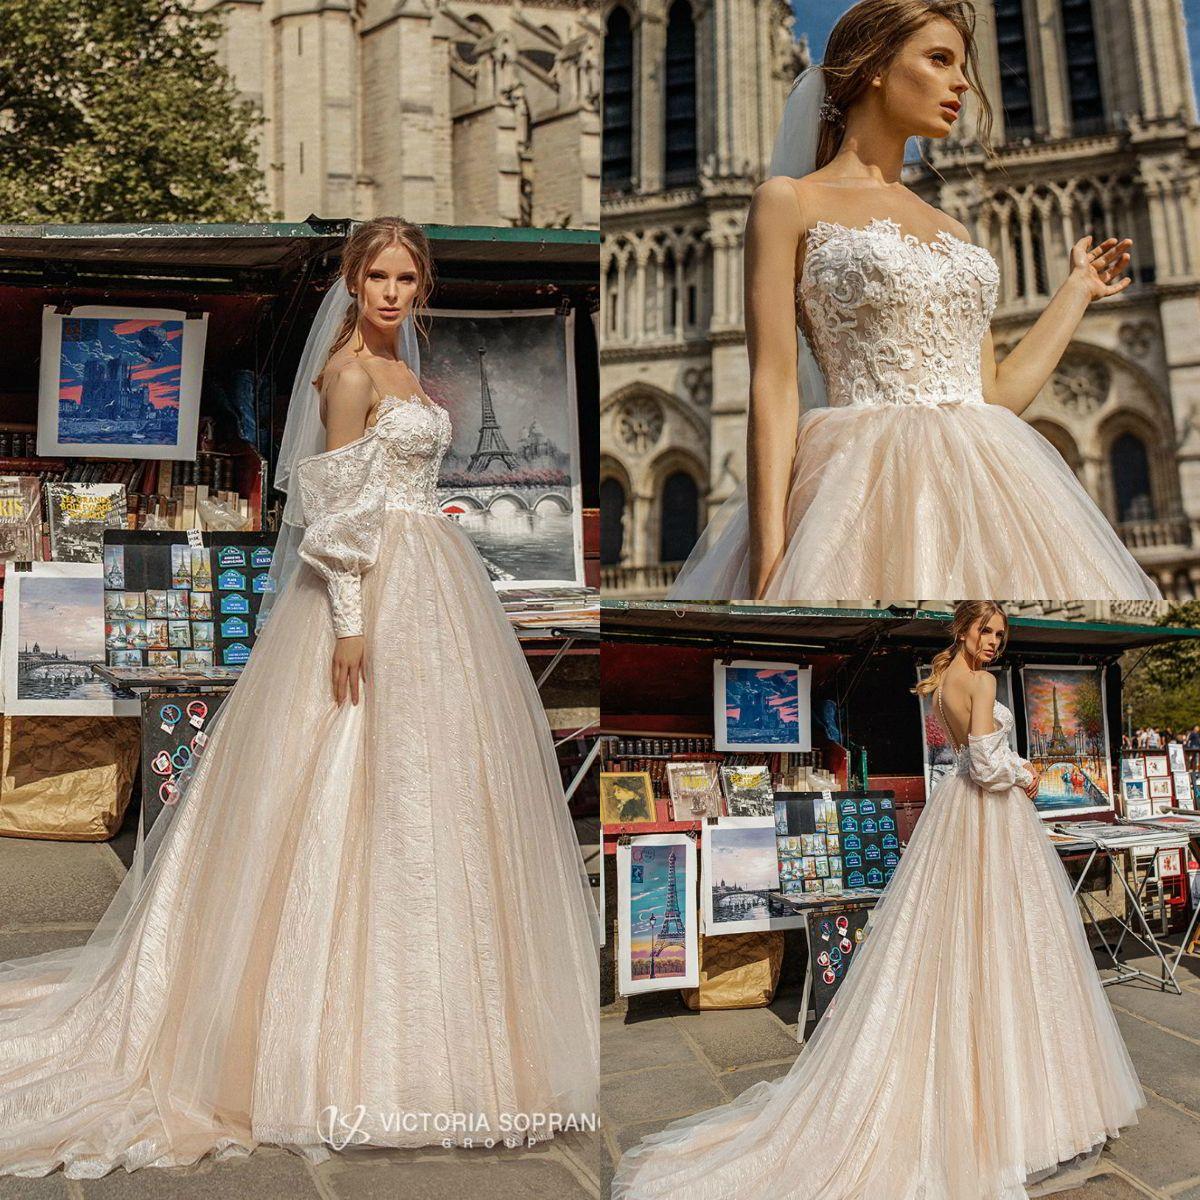 Victoria Soprano 2019 vestidos de boda de la joya del hombro de barrido de los brillos de manga larga de encaje de tren vestidos de novia más el tamaño de la playa Robe de mariée